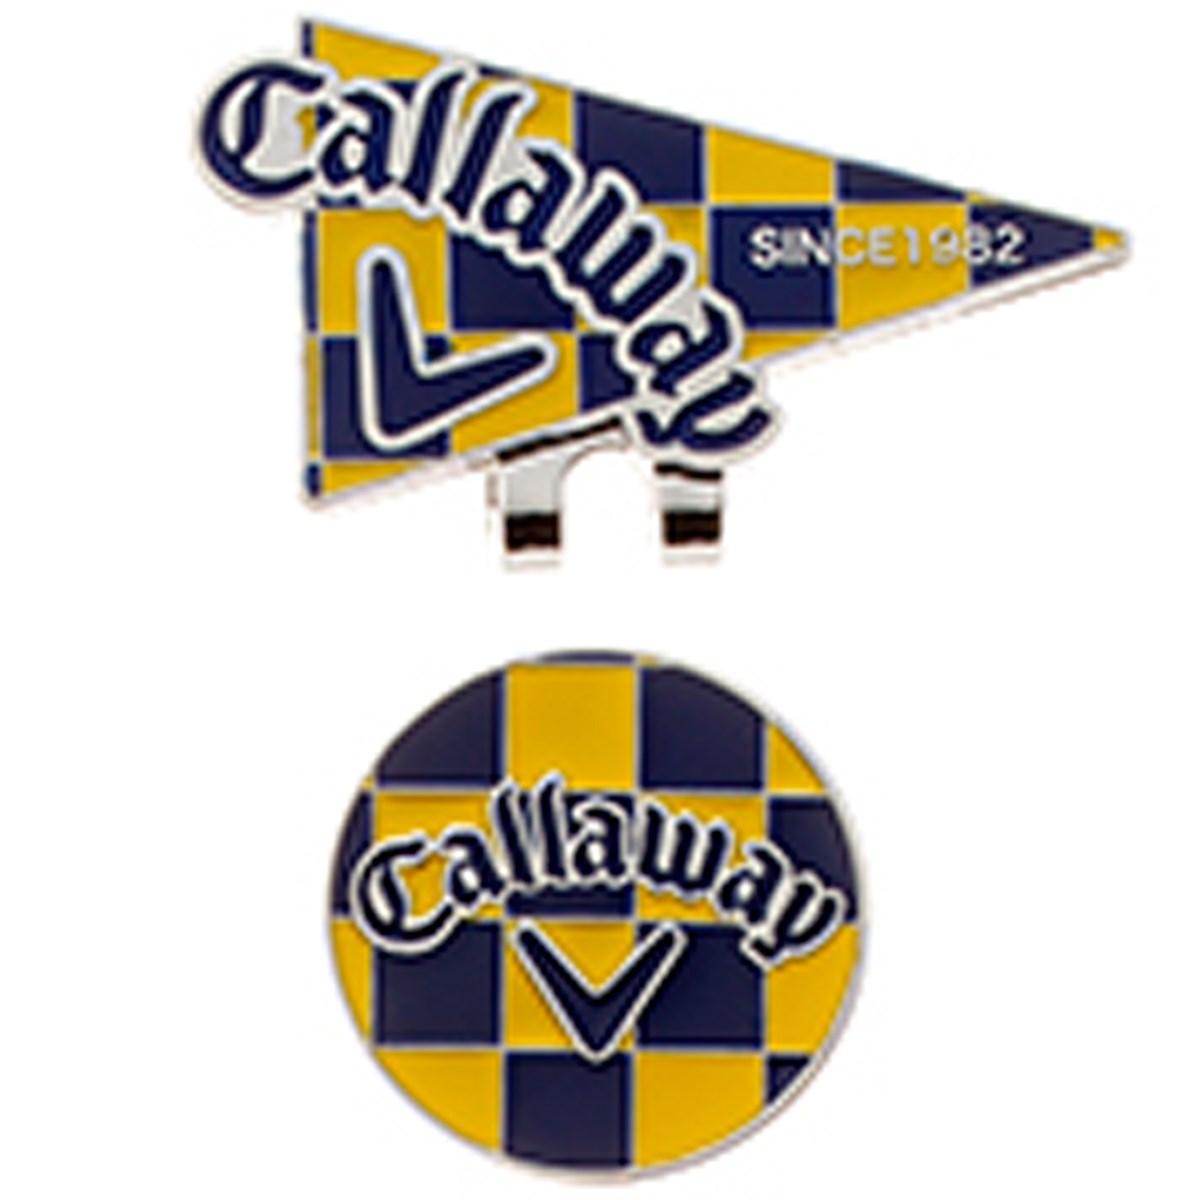 キャロウェイゴルフ Callaway Golf フラッグマーカー 16JM ネイビー/イエロー